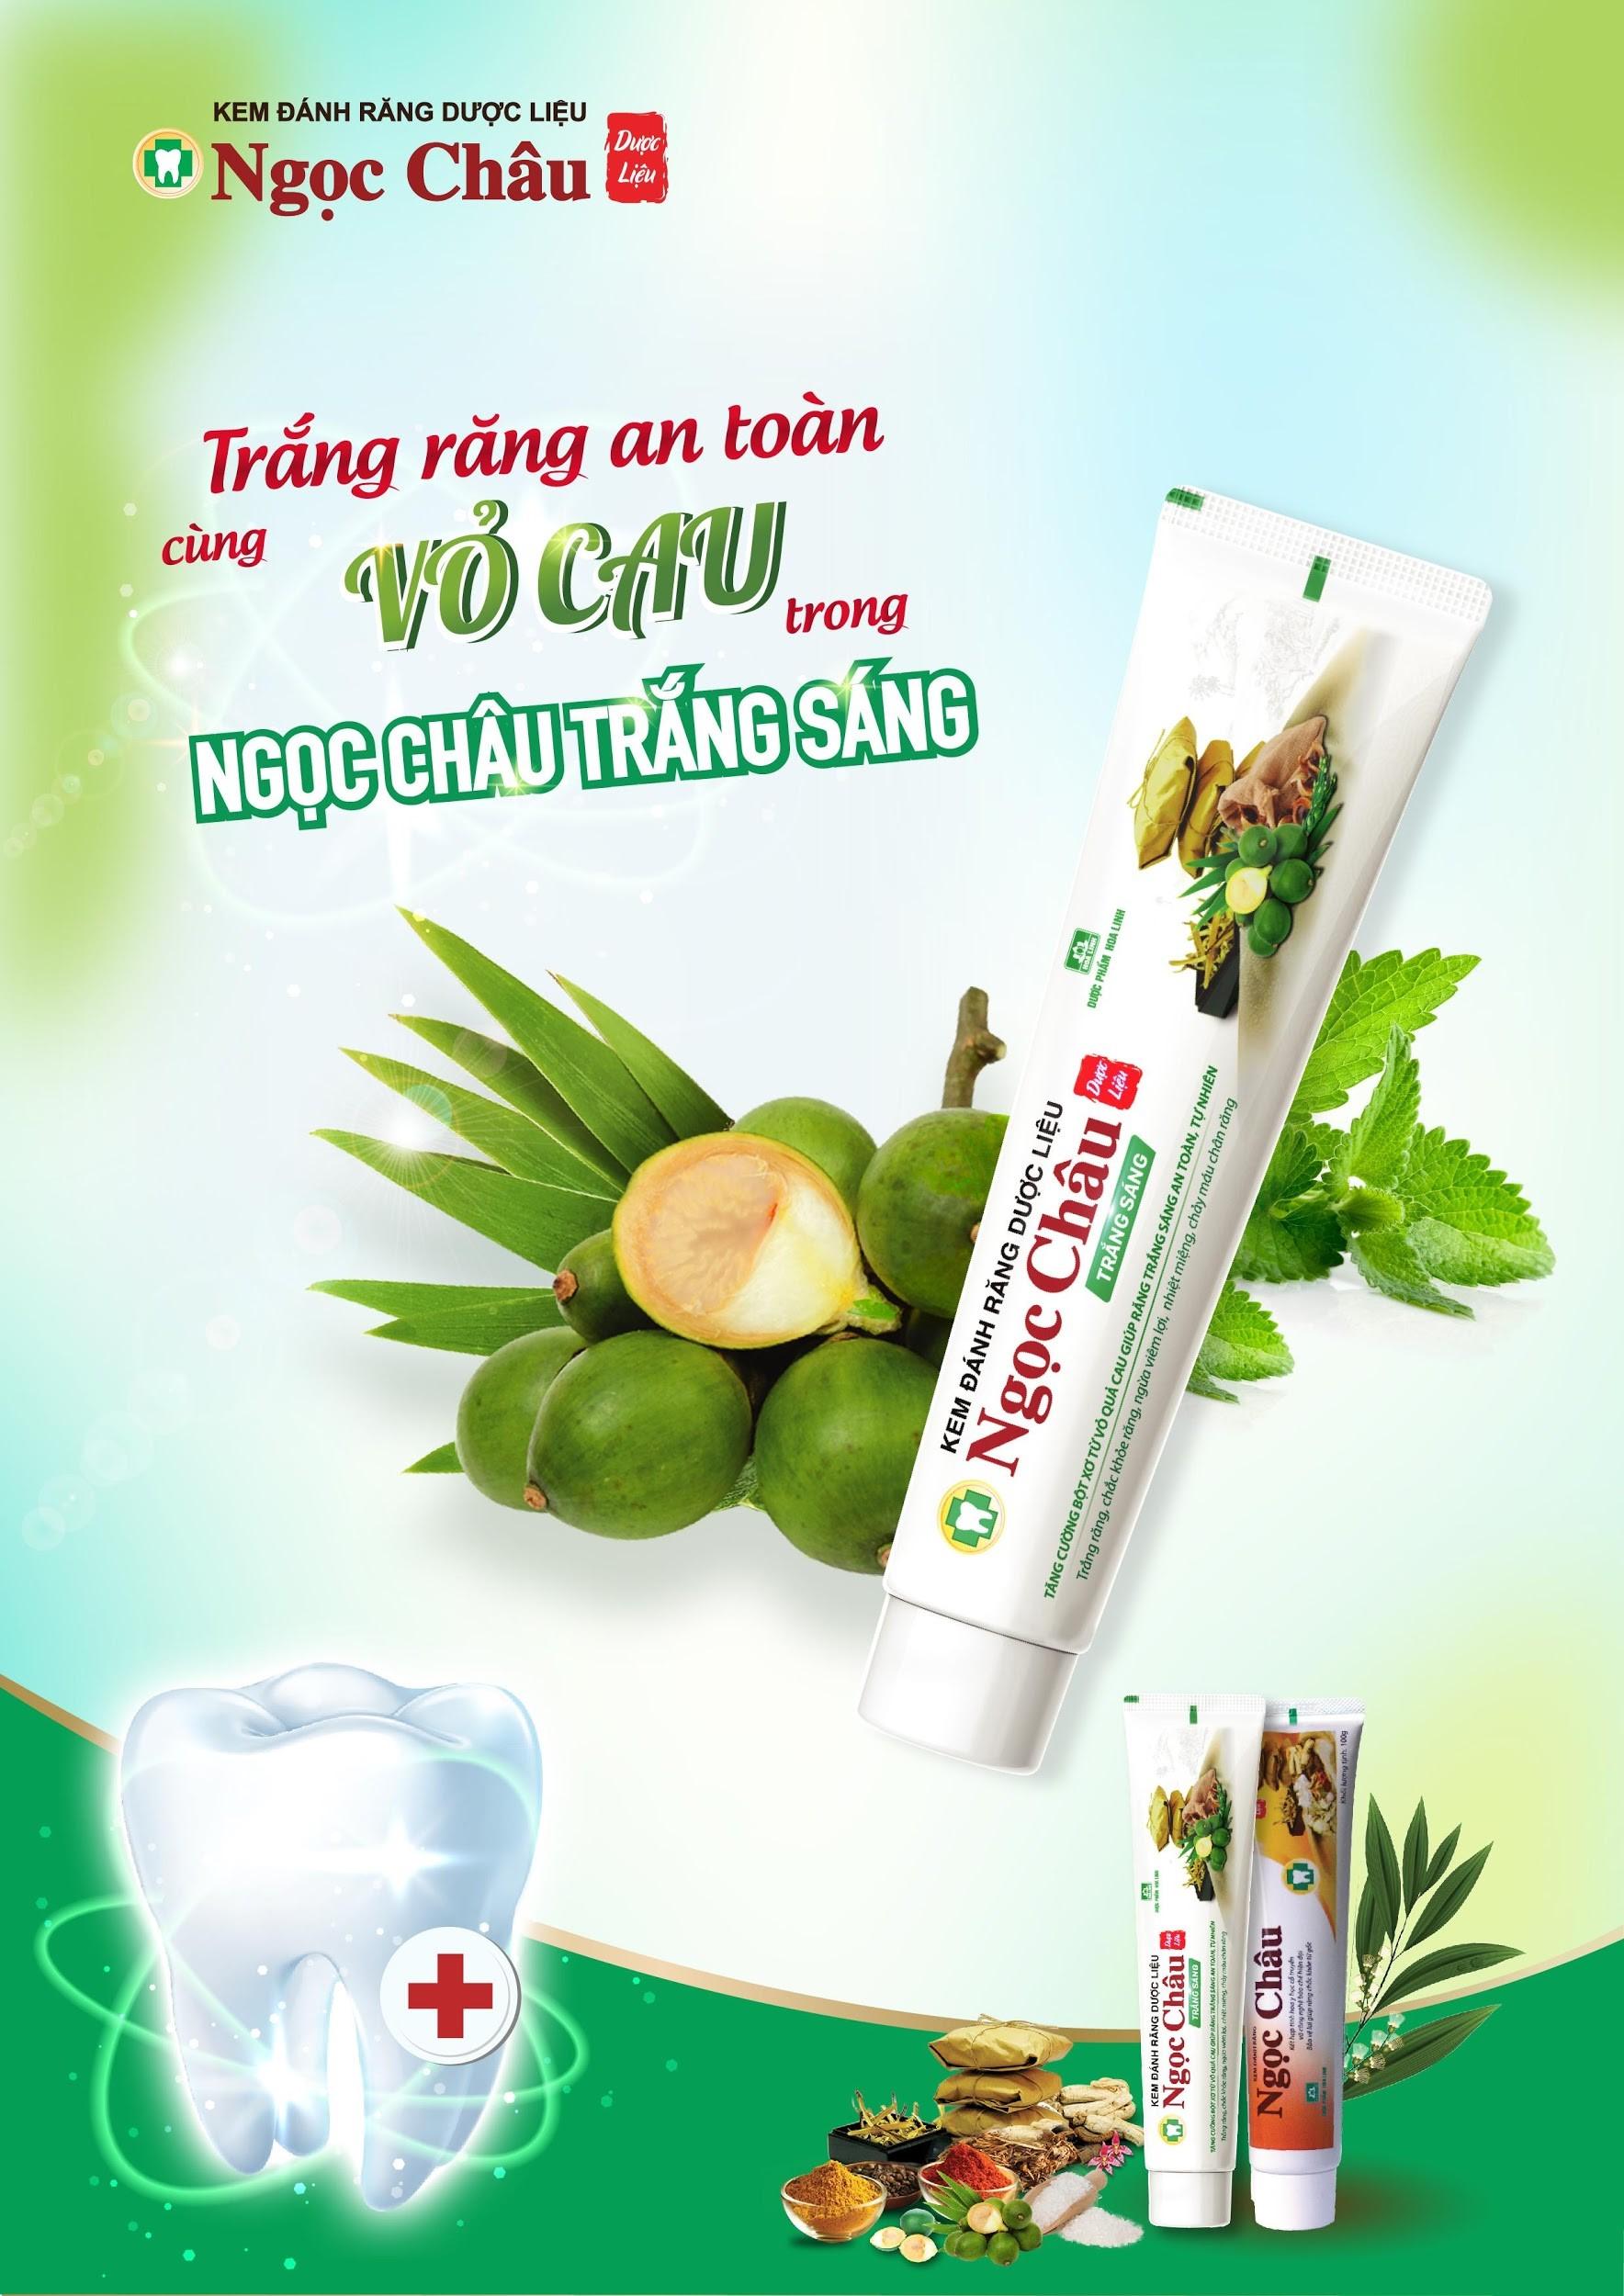 cac-phuong-phap-lam-trang-rang-an-toan-4.png